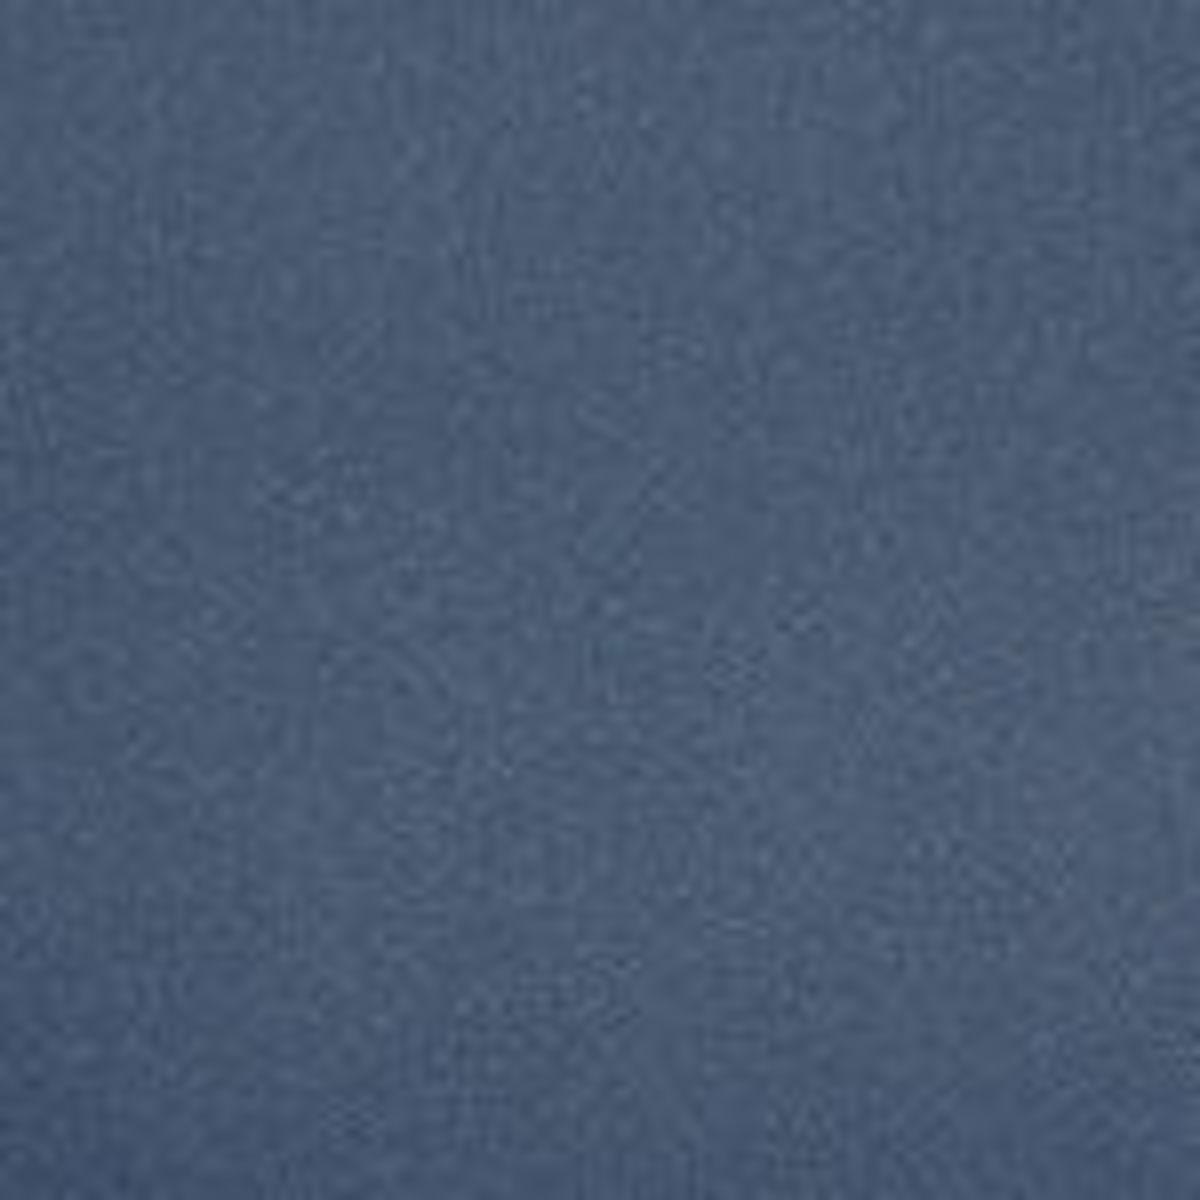 Bild 2 von Sichtschutzstreifen anthrazit 251 x 19 cm